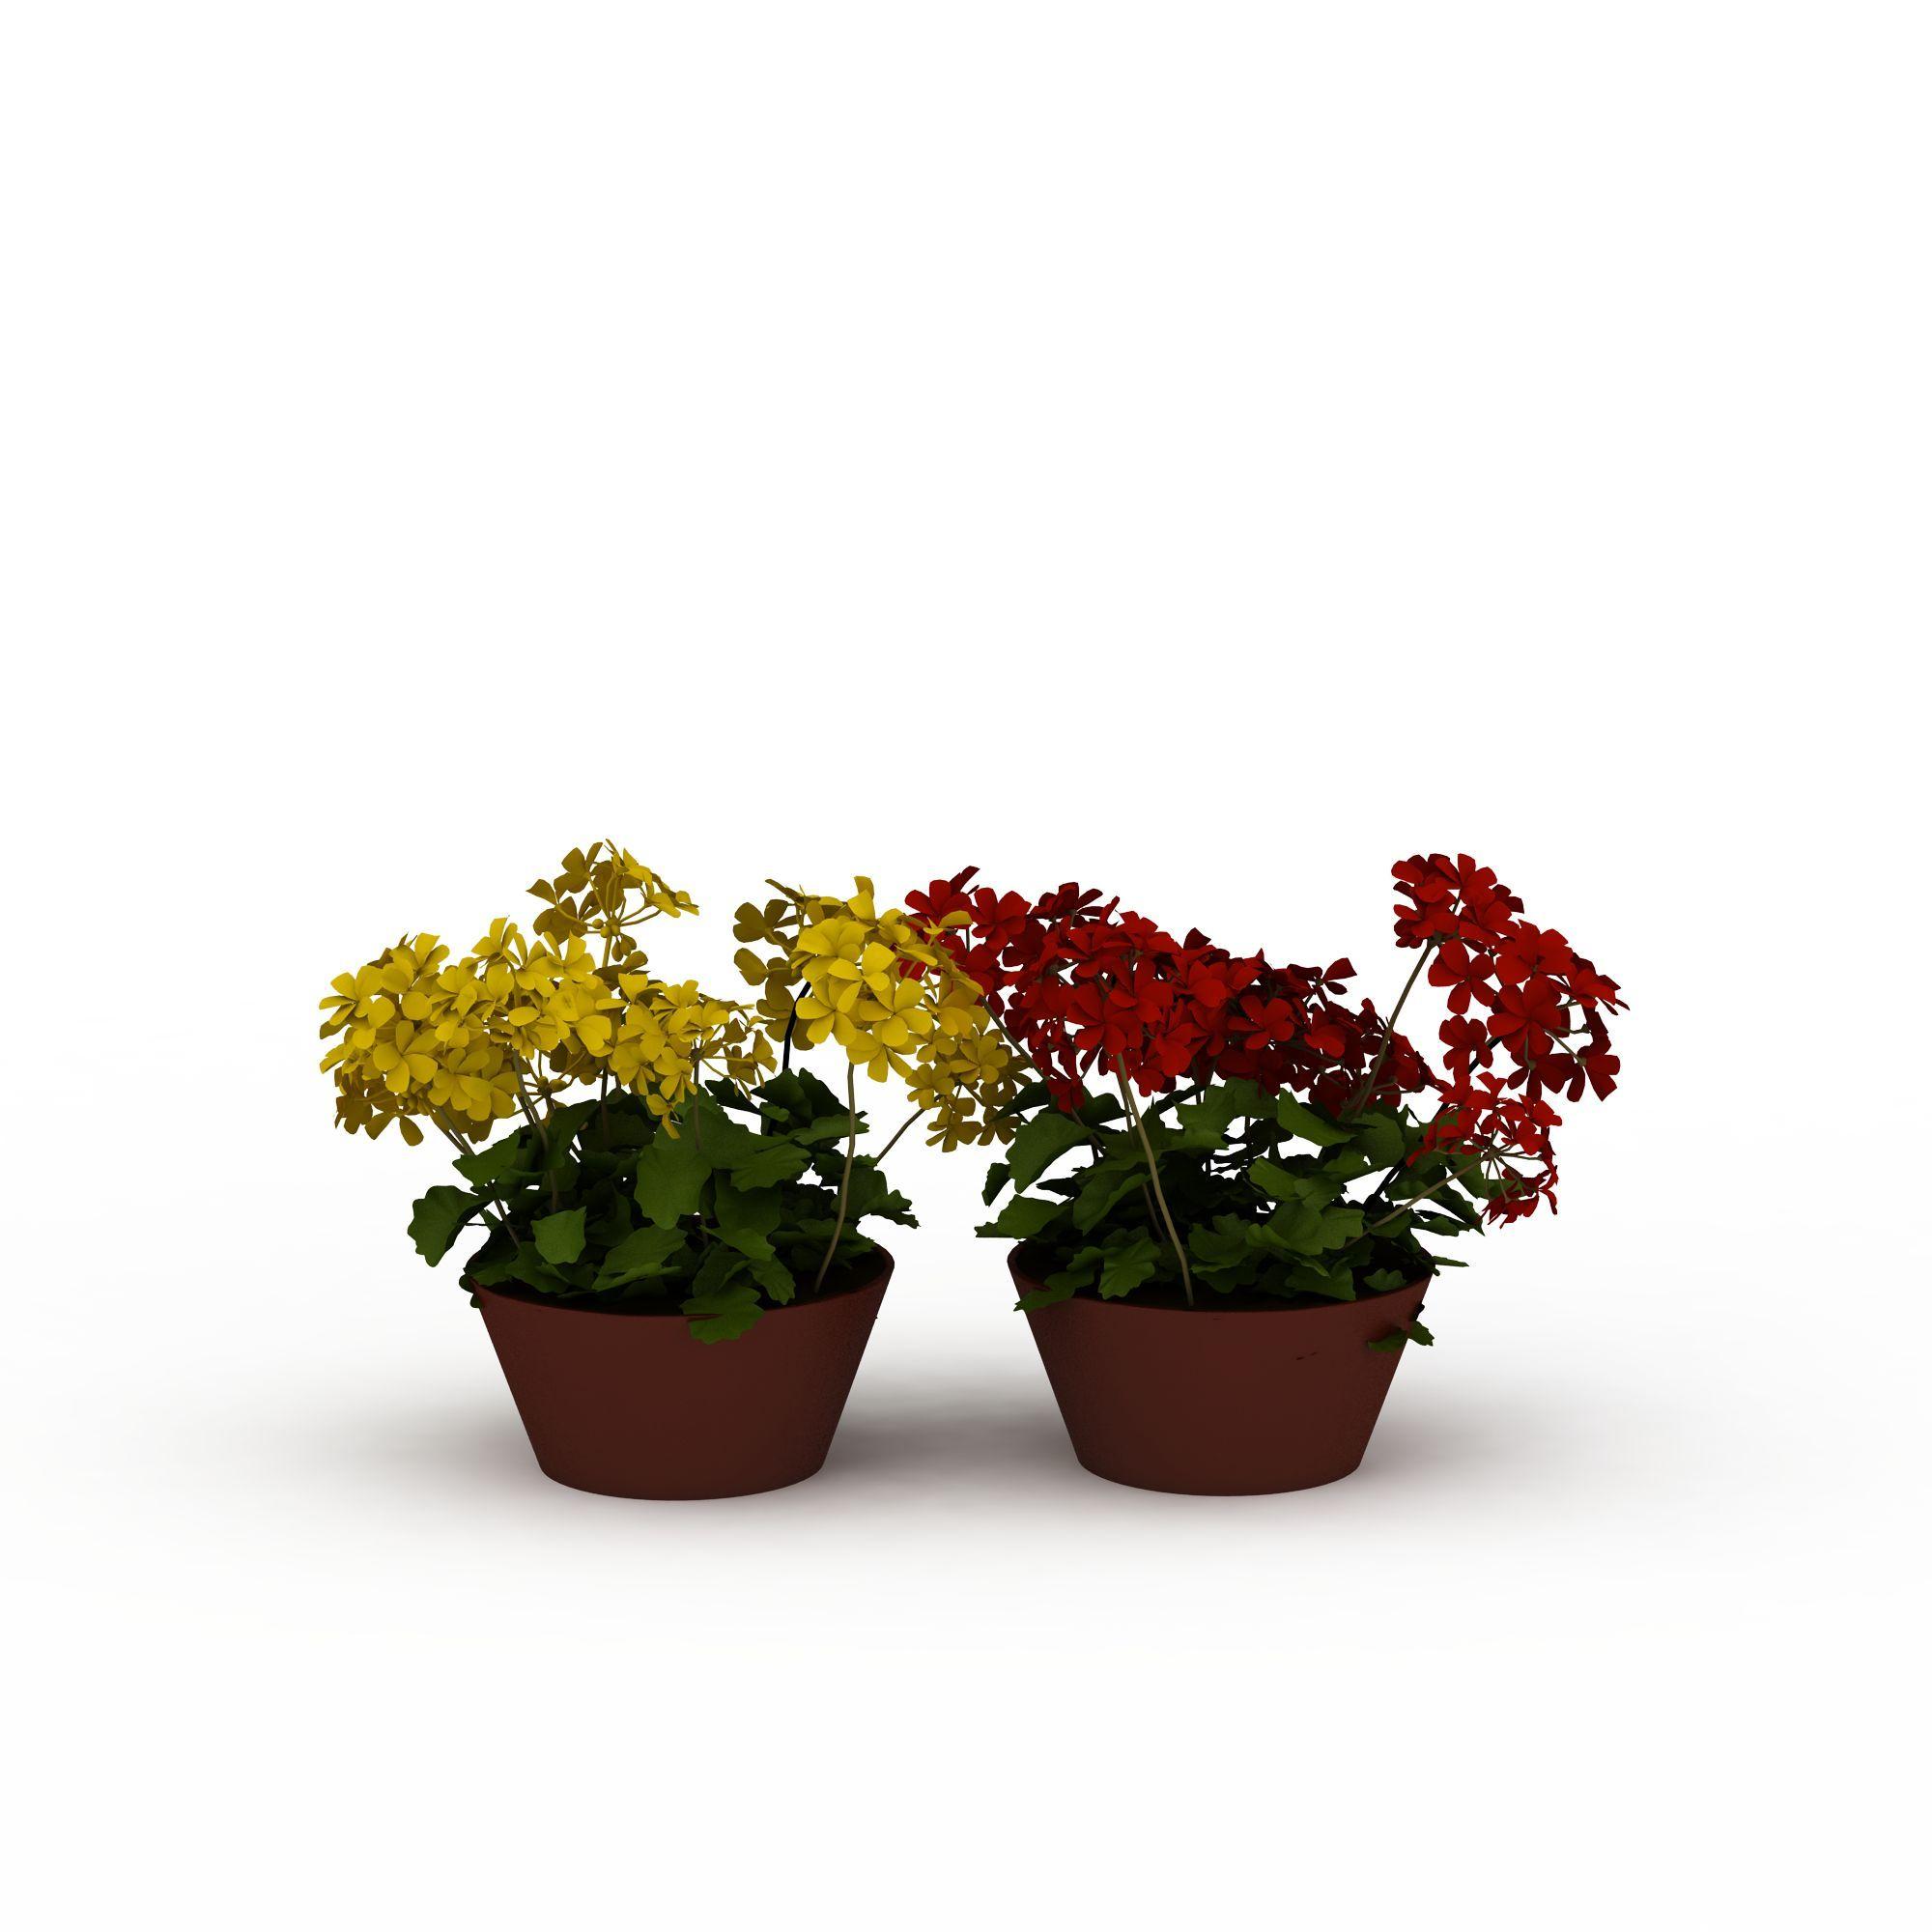 植物 其它 开花盆景3d模型 开花盆景png高清图  开花盆景高清图详情